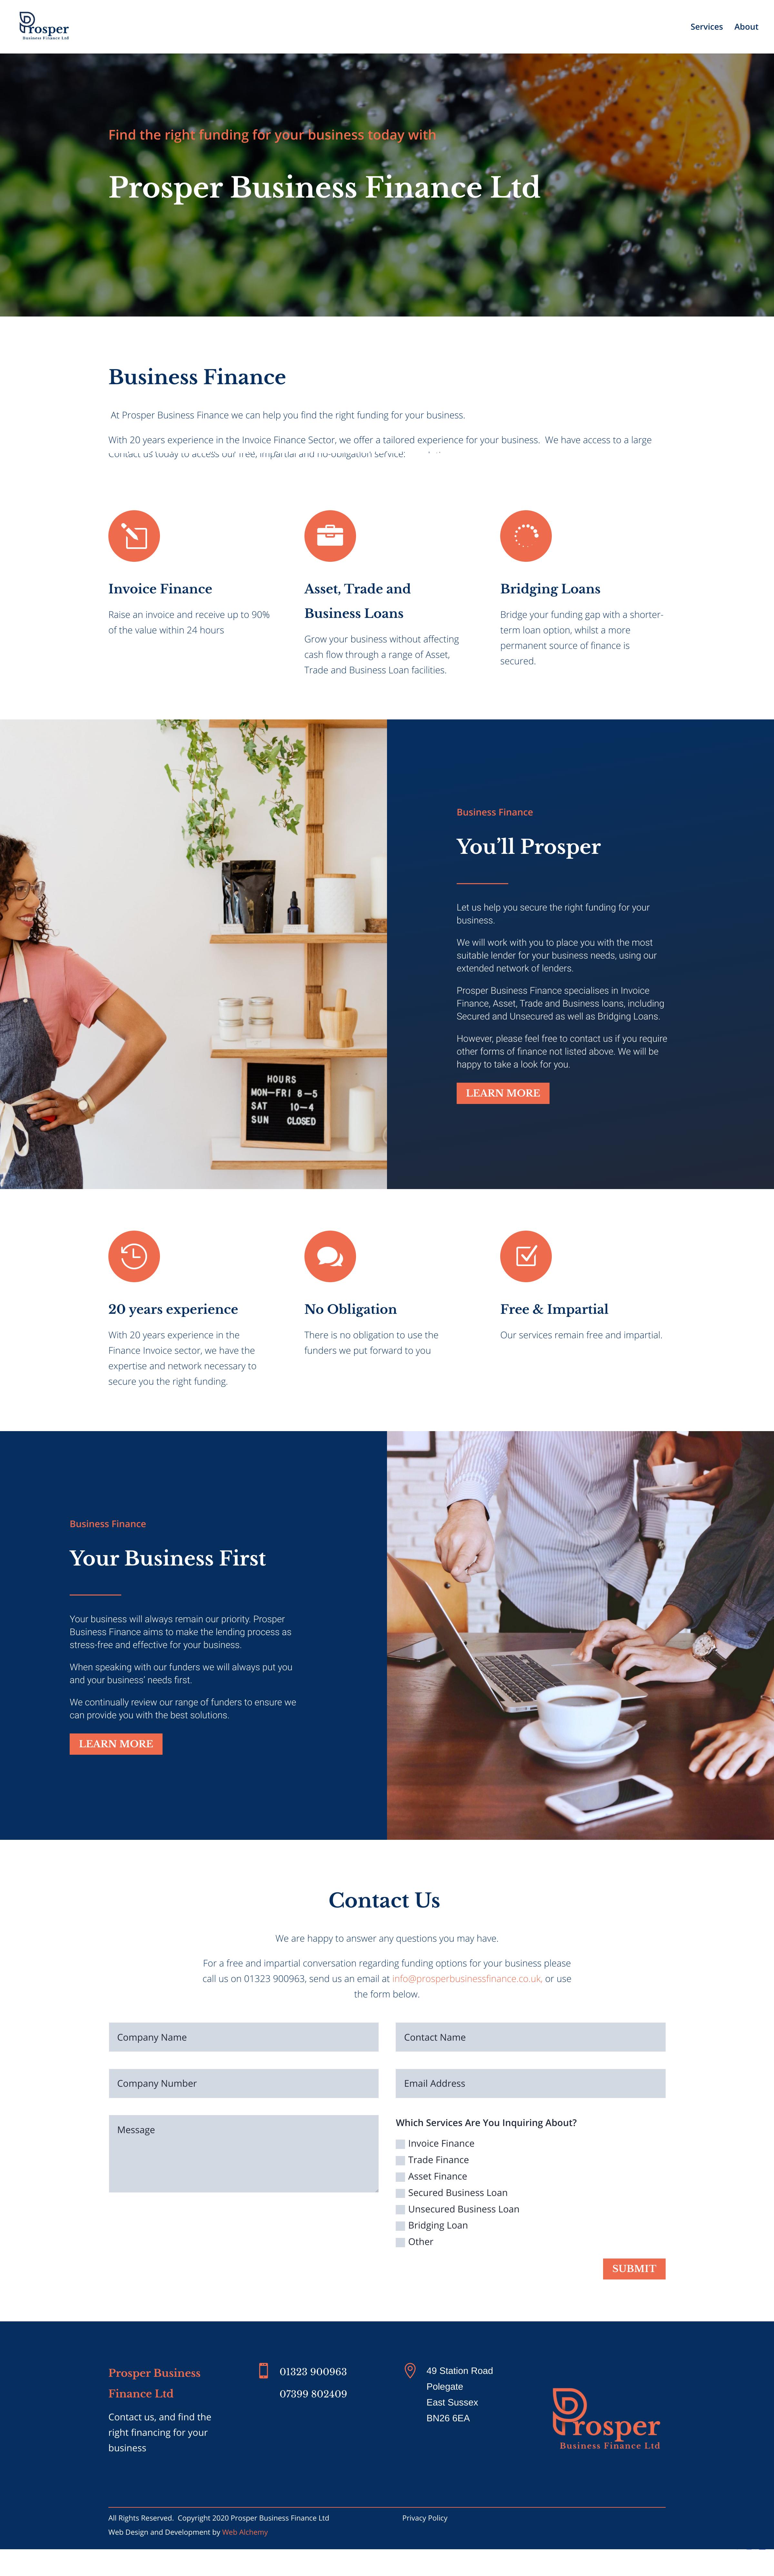 Prosper Business Finance Screen Capture